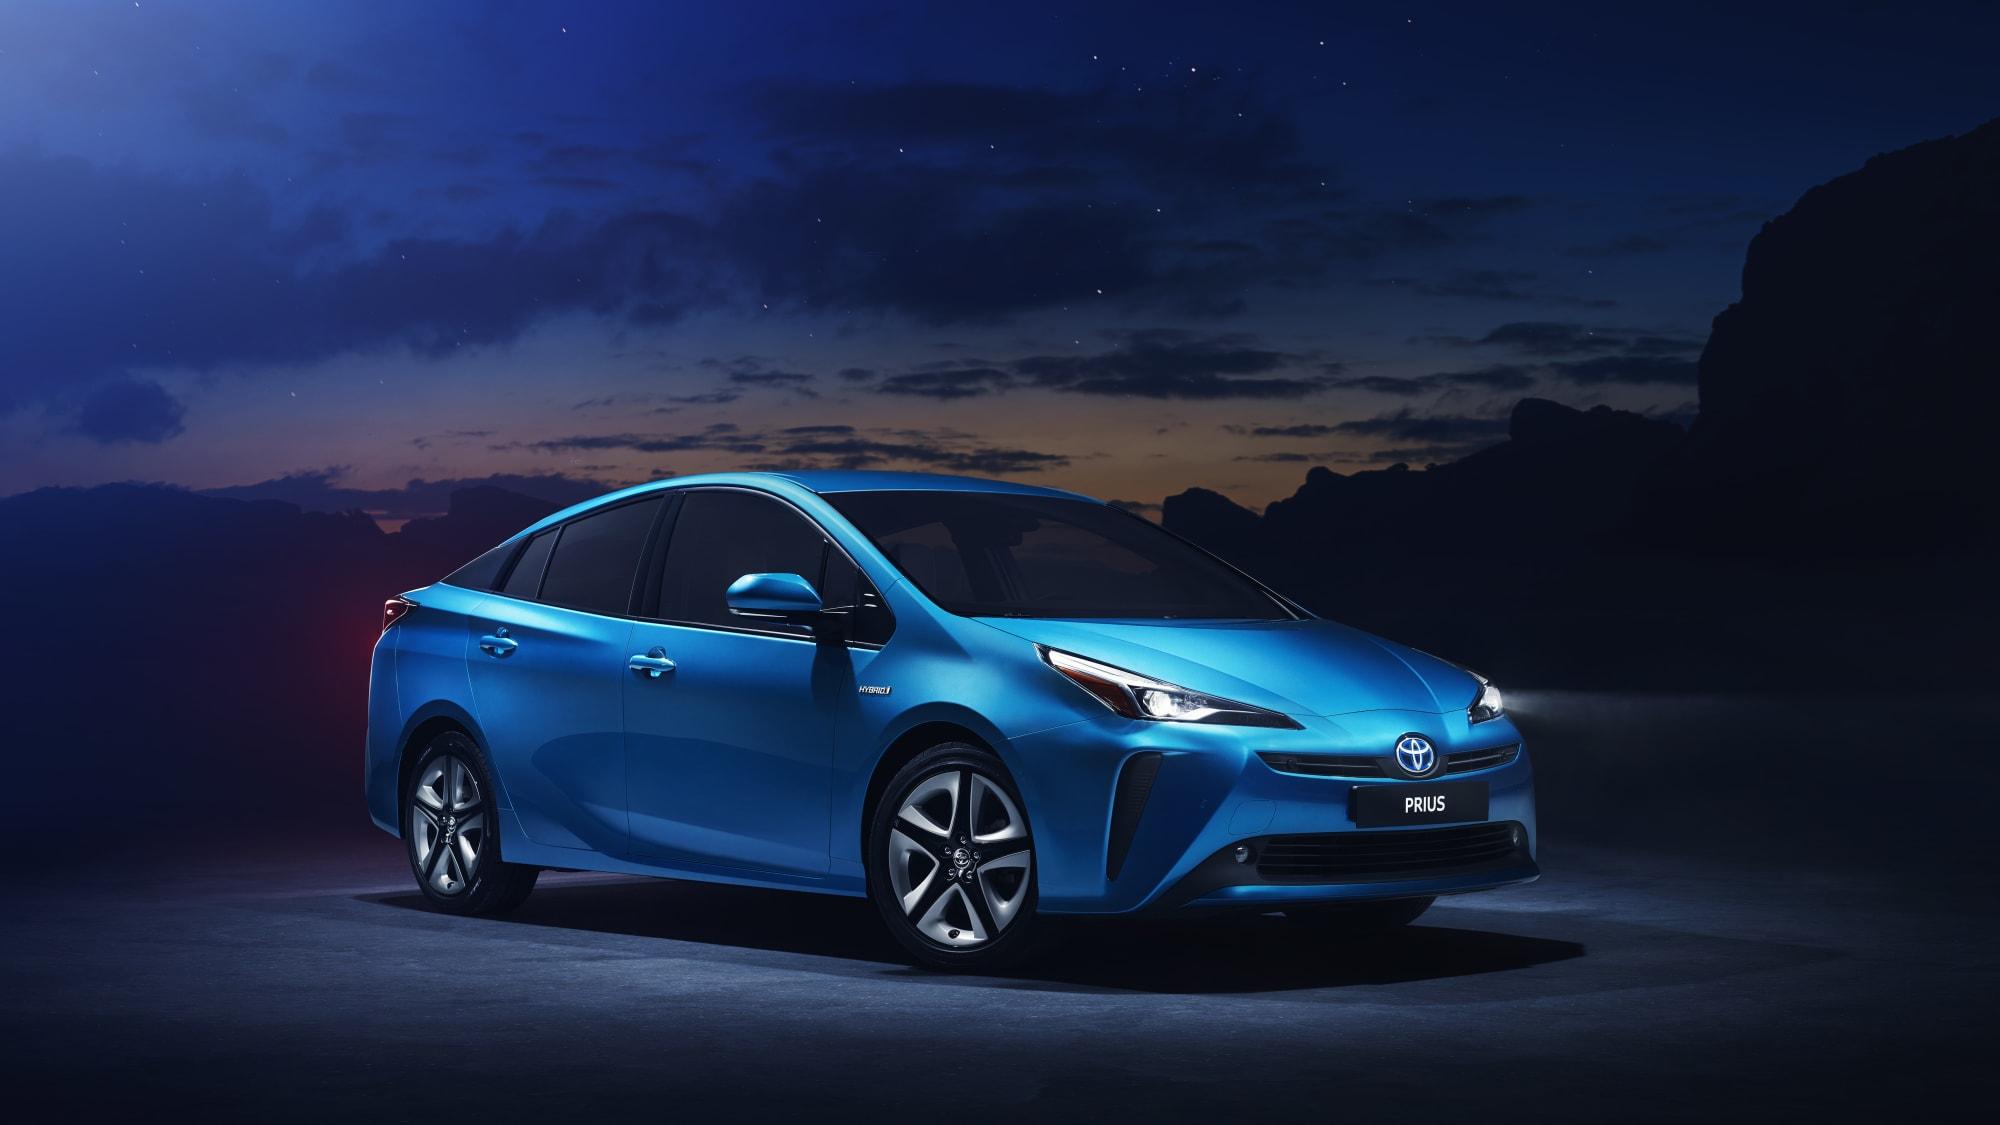 Der Toyota Prius Hybrid hat jetzt schlankere LED-Scheinwerfer und eine niedrigere Front